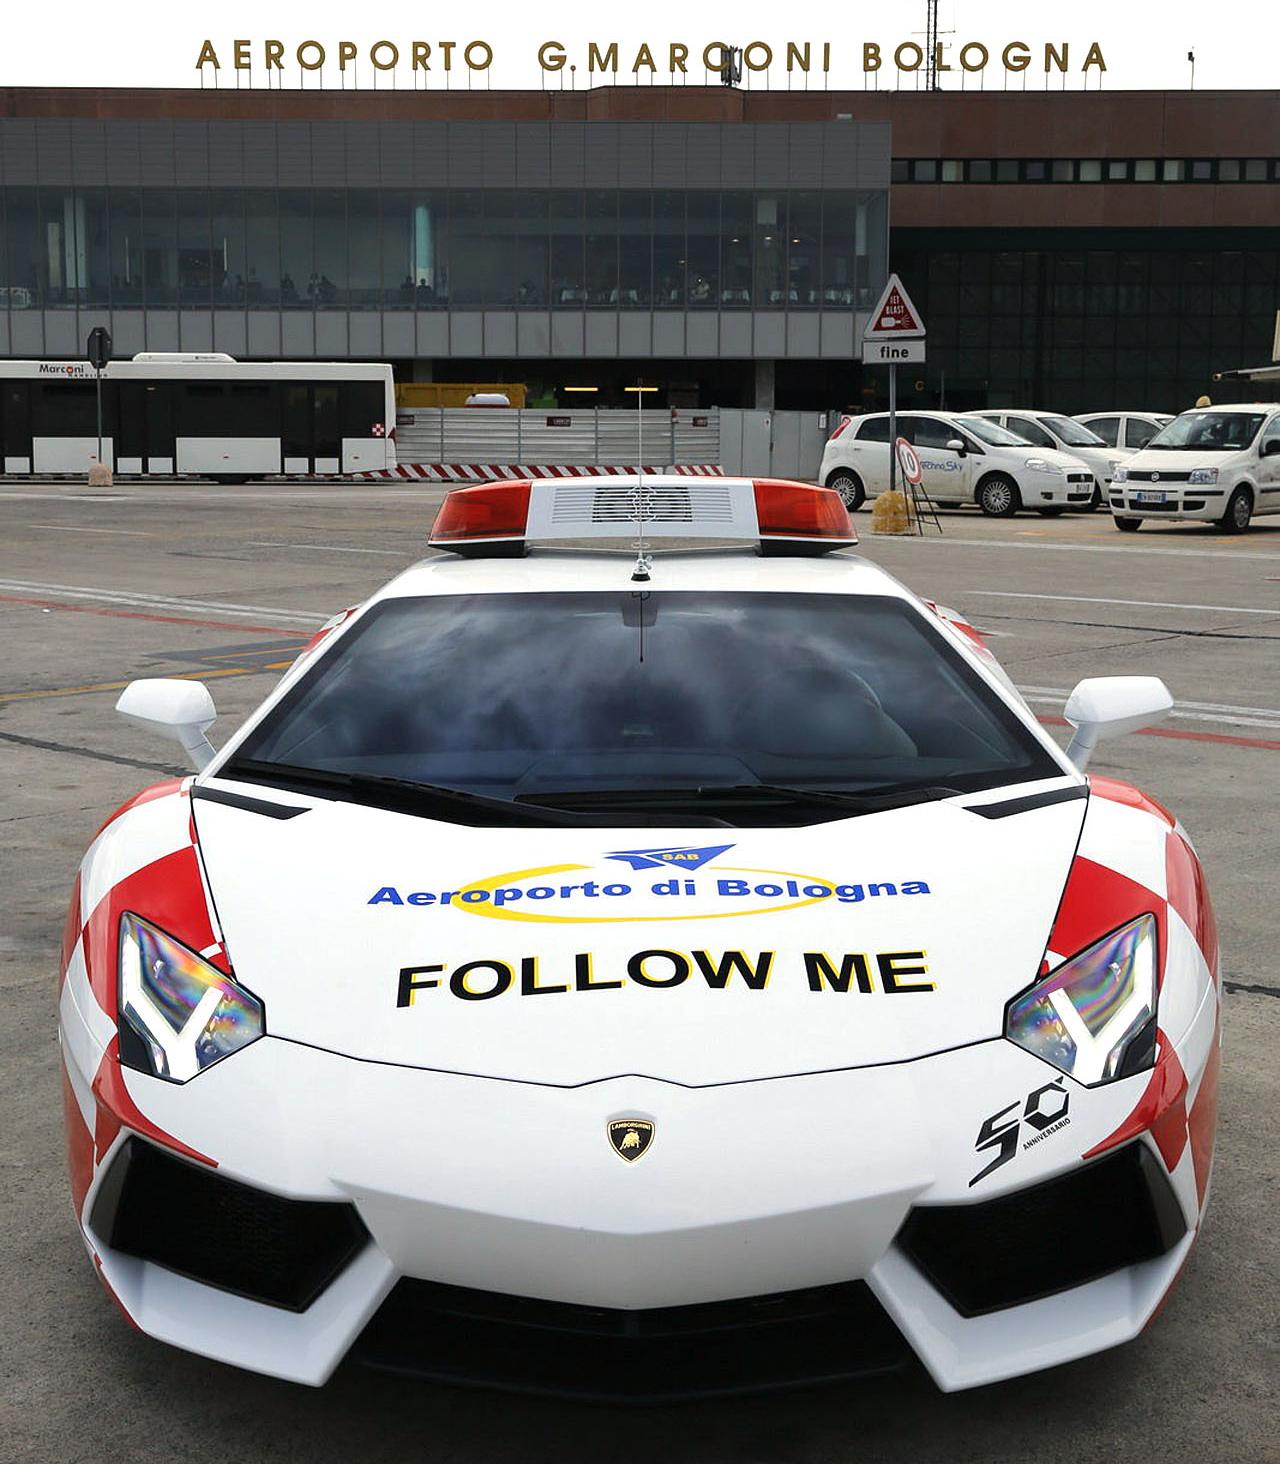 Lamborghini Aventador поможет самолетам выруливать на взлетную полосу